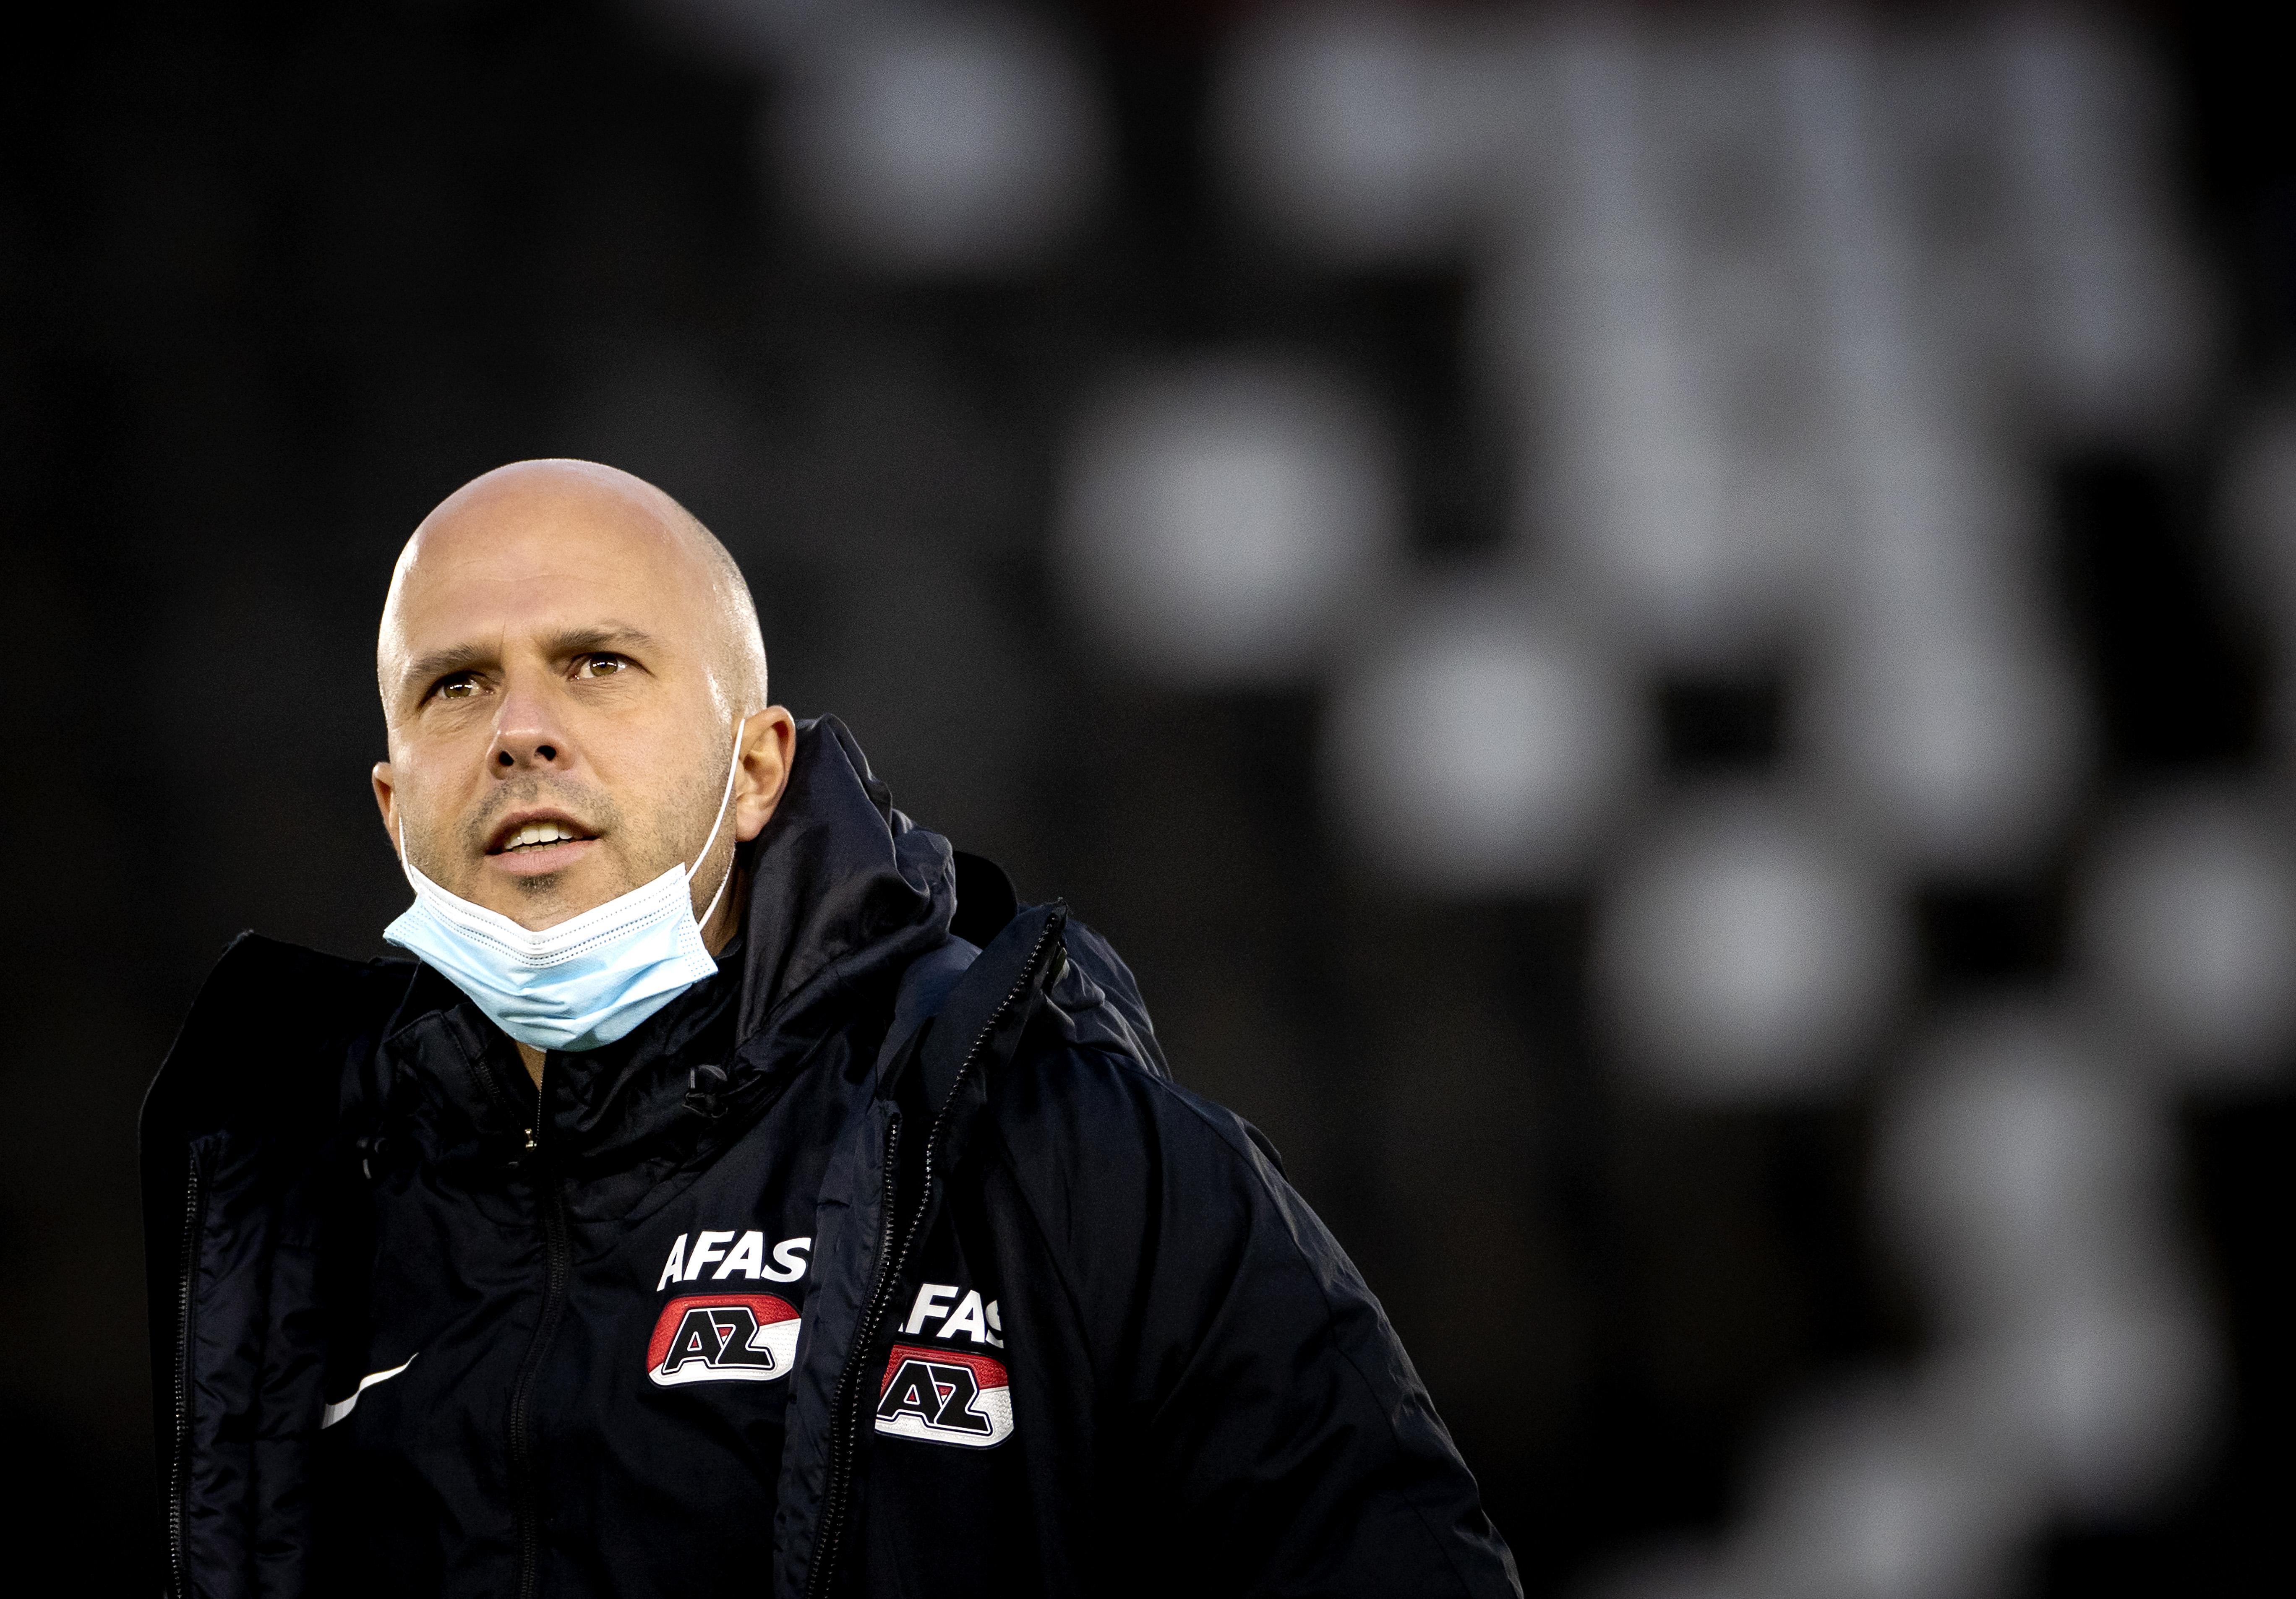 Extra testen bij AZ, in de hoop dat er toch wat meer spelers beschikbaar zijn tegen Rijeka